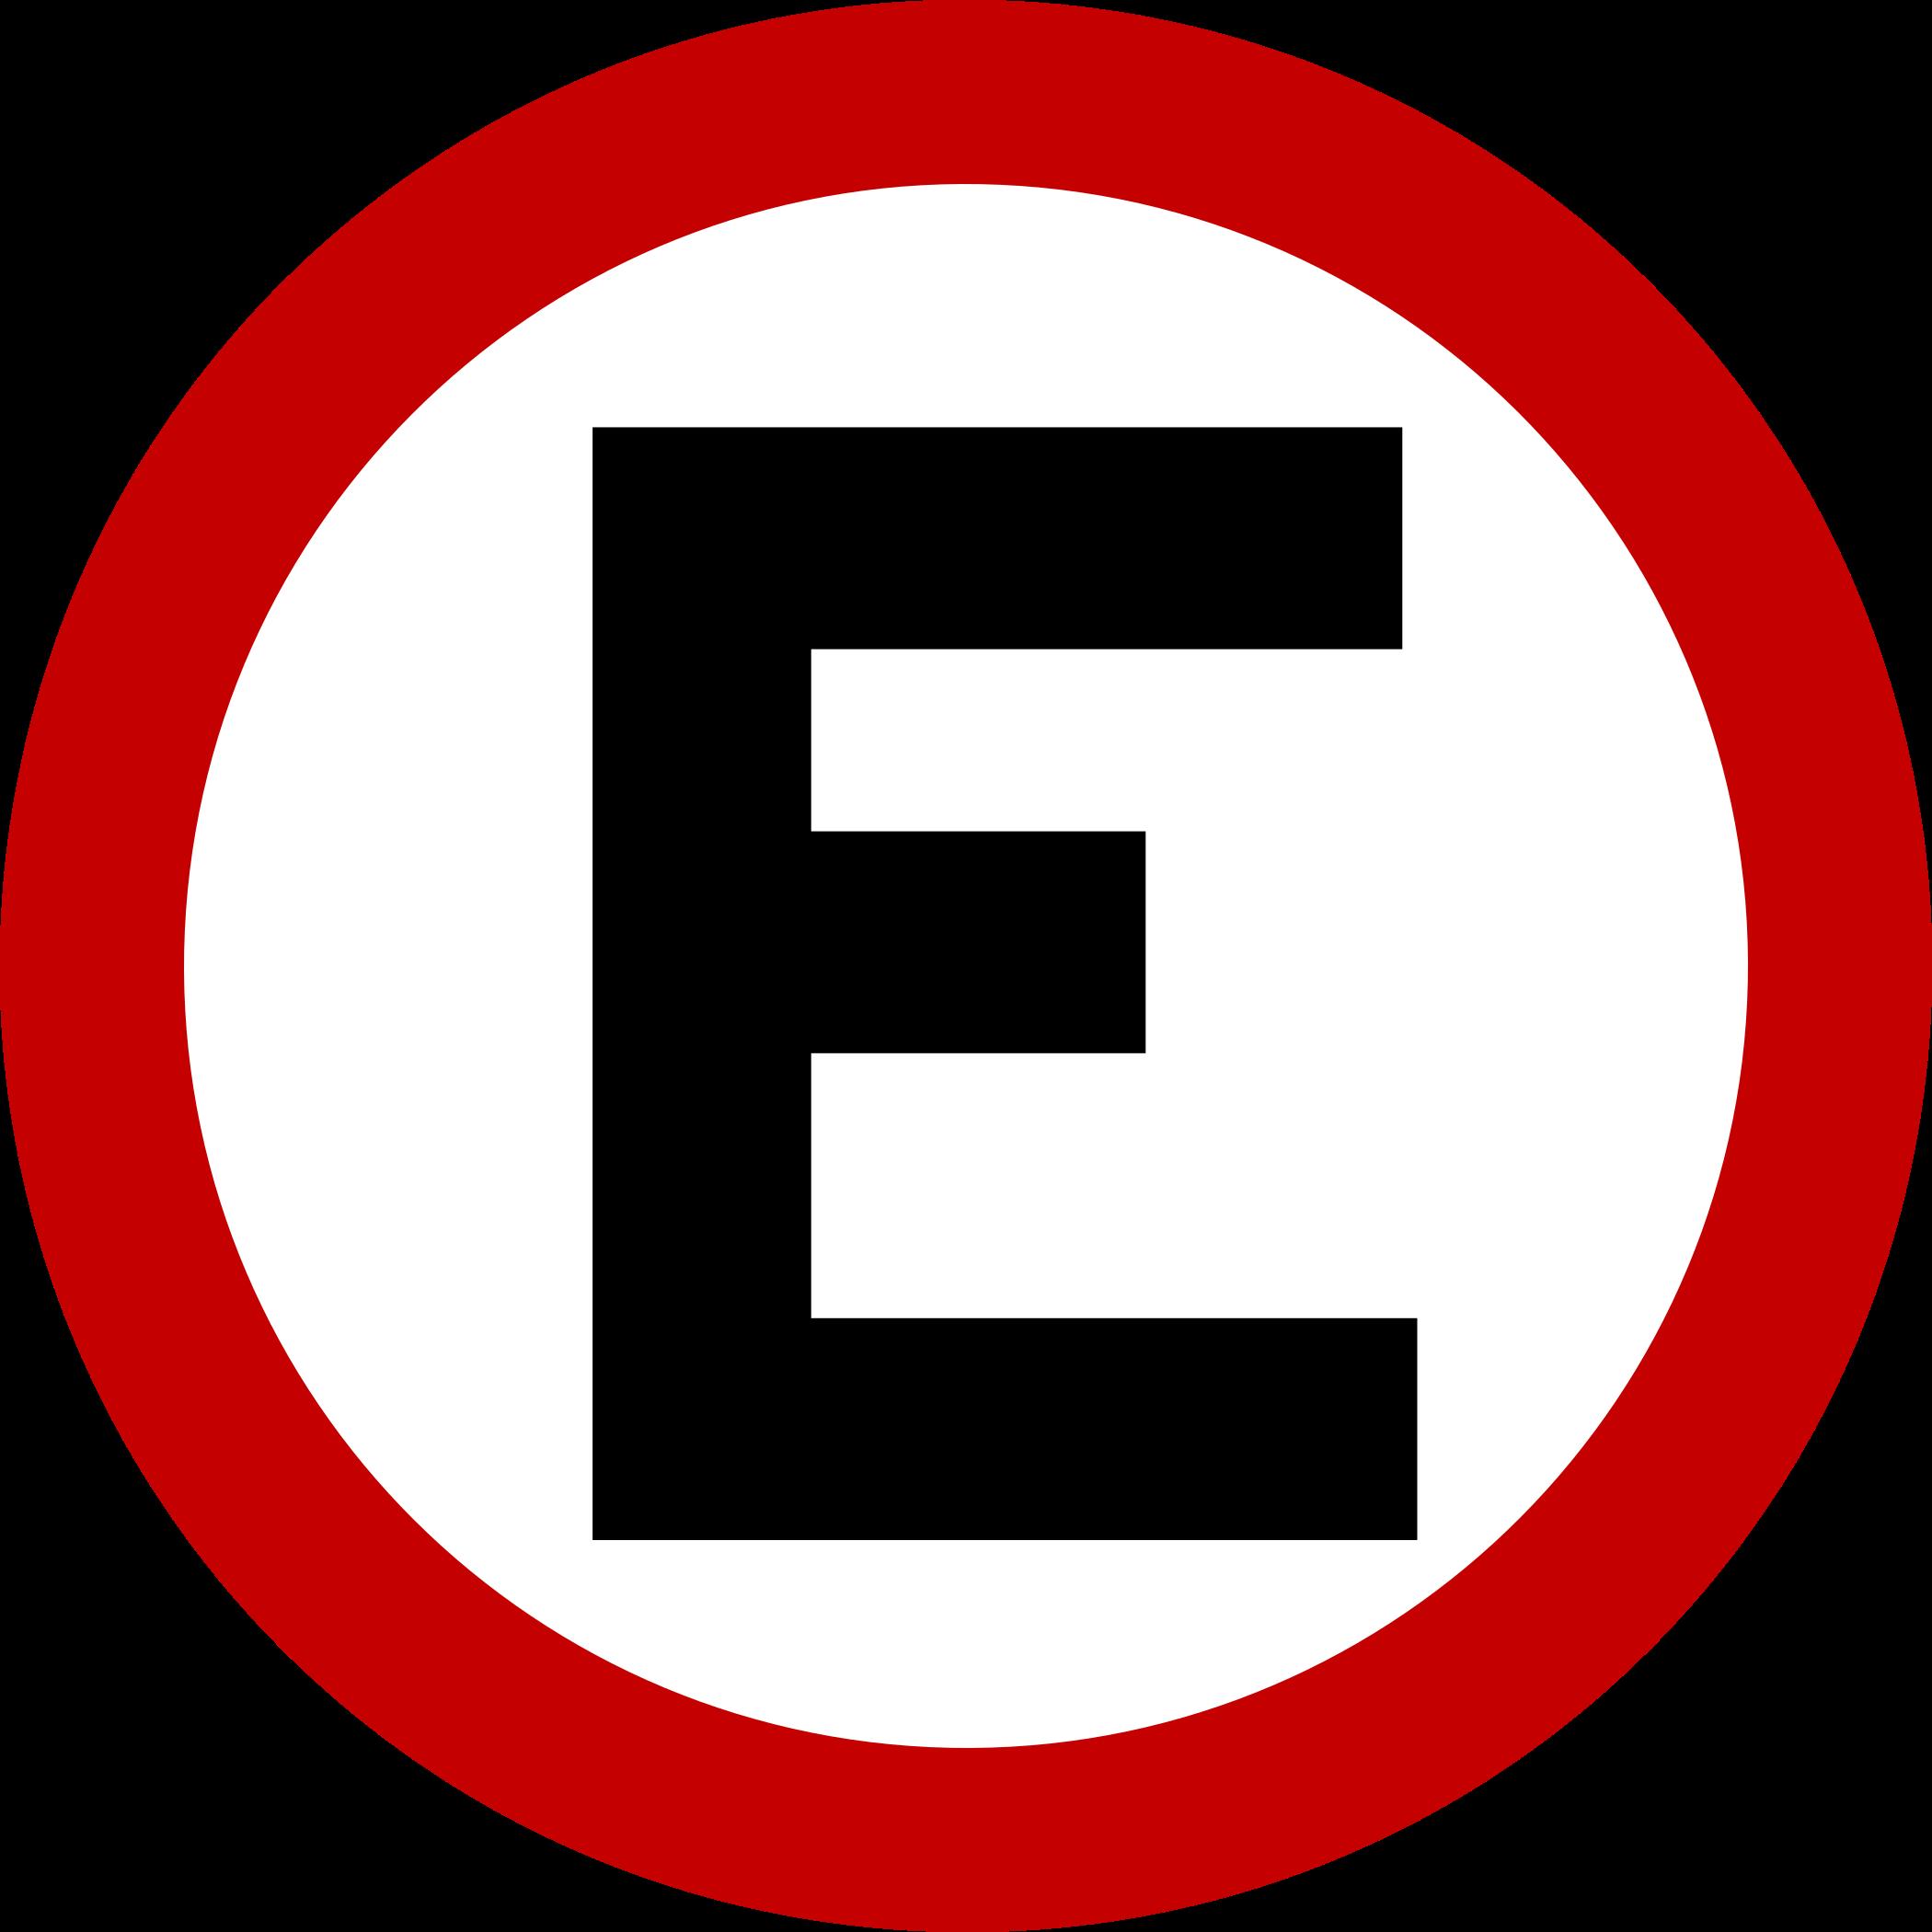 placa-estacionamento-estacionar-1